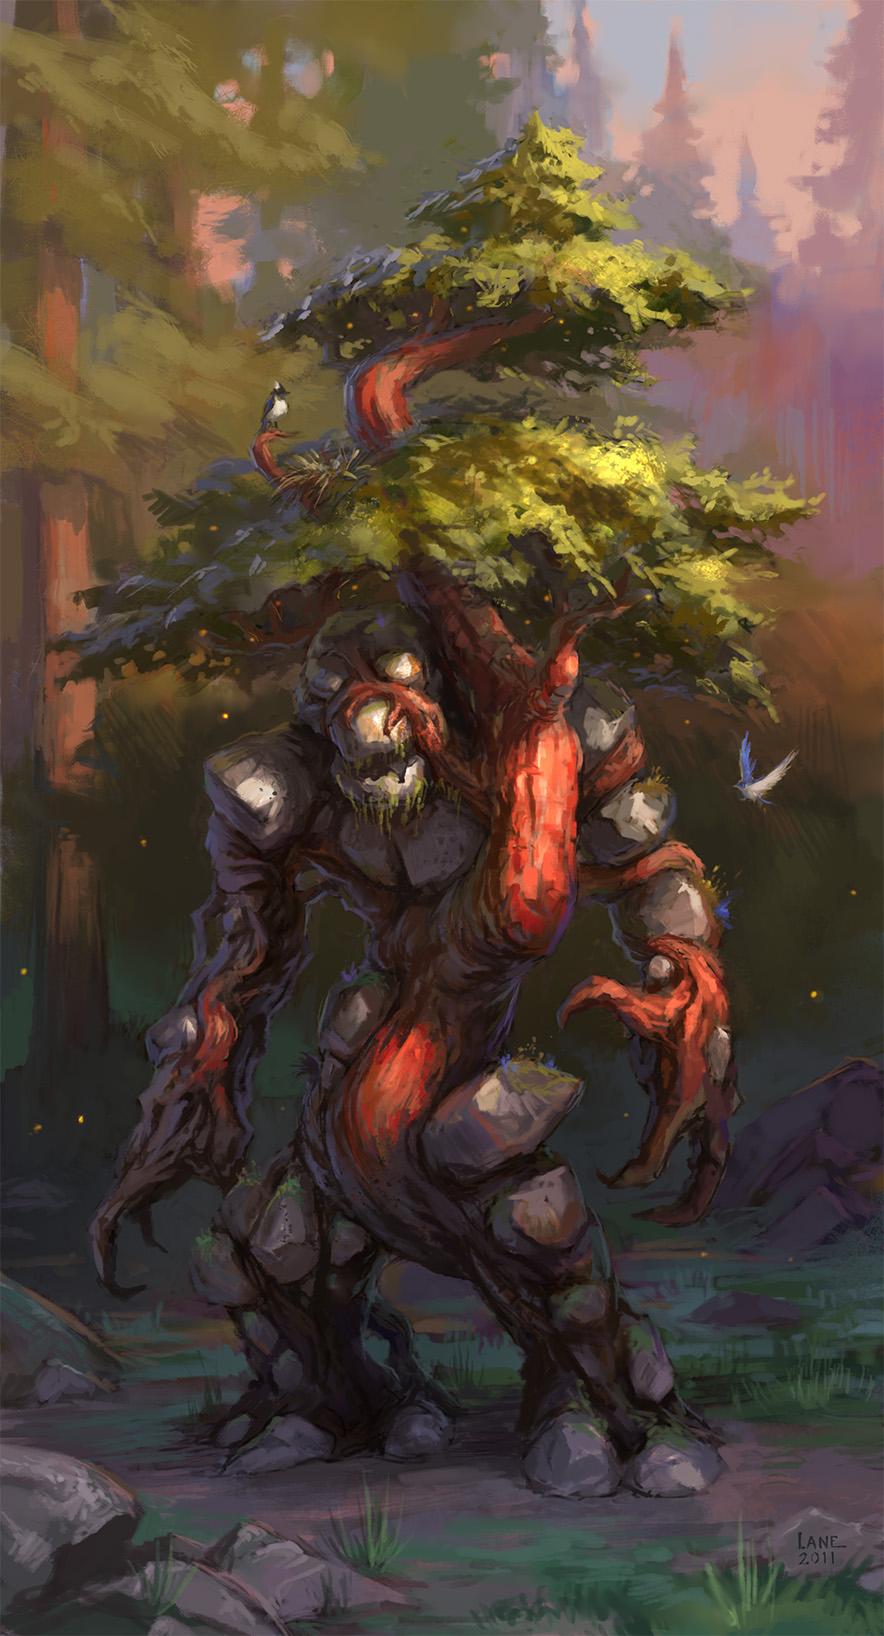 El origen de la Magia [Solitaria] - Página 2 Forest_golem_by_wildweasel339-d4f4nlr